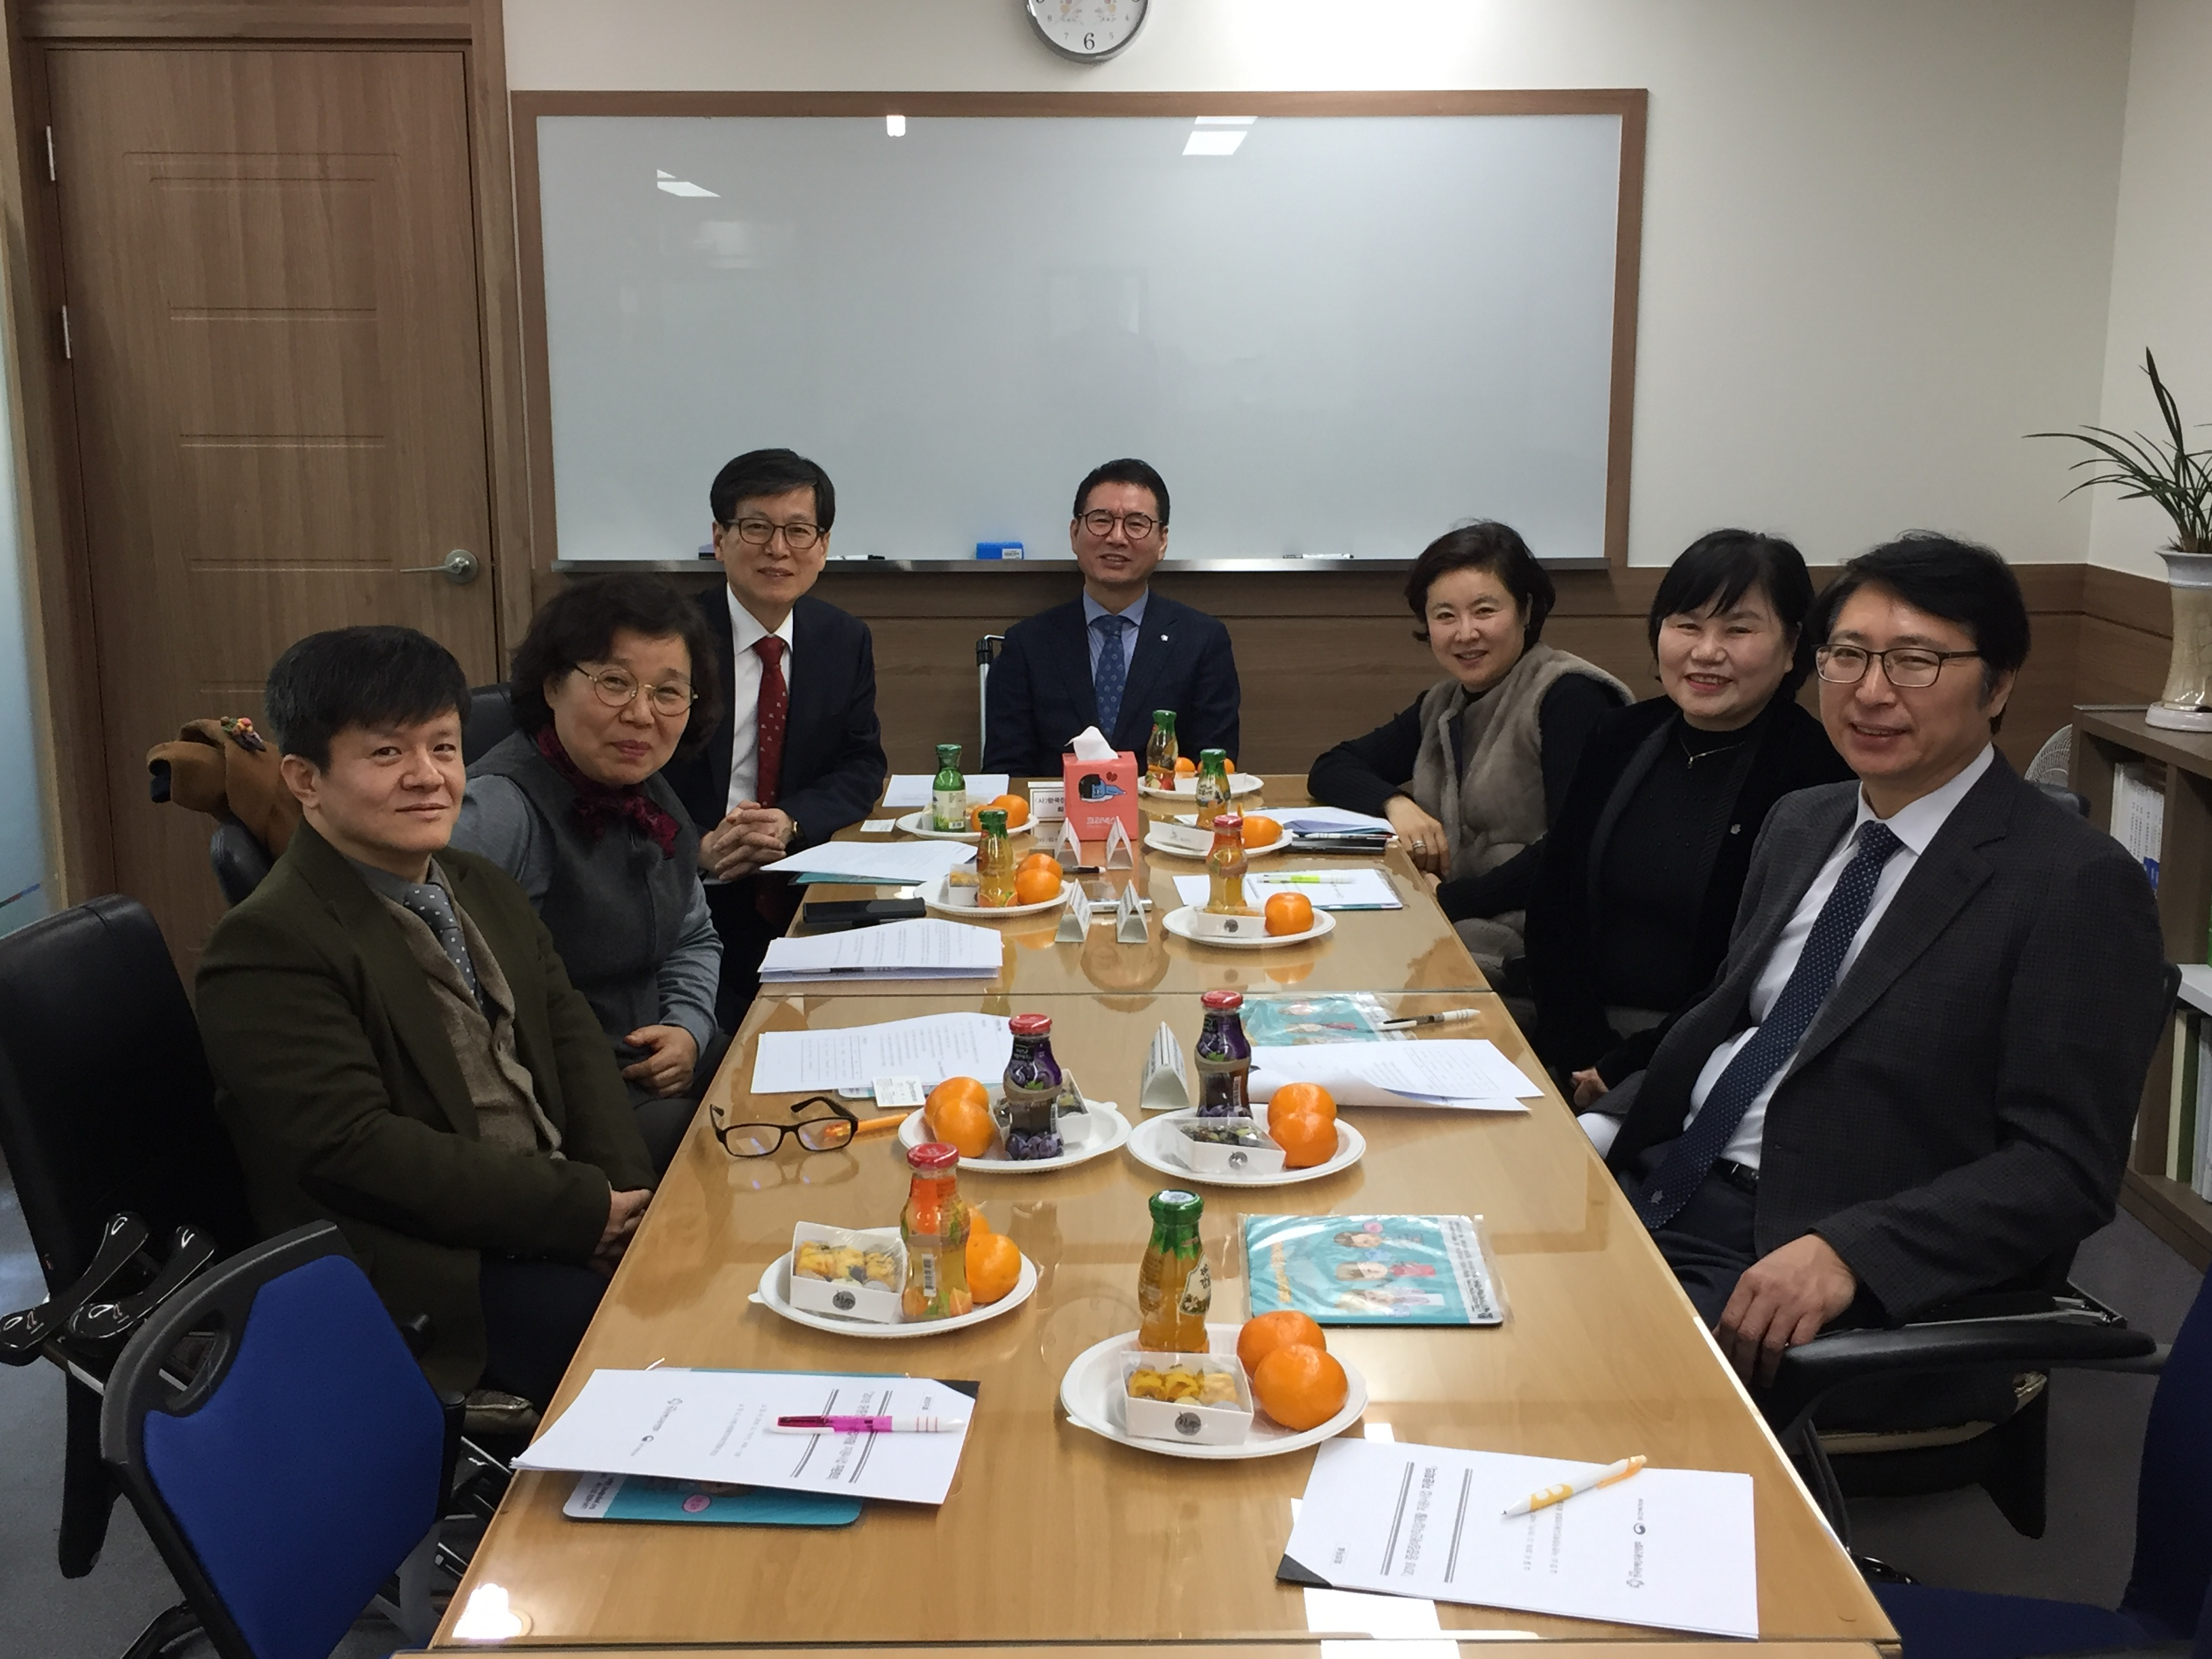 자문회의 사진.JPG